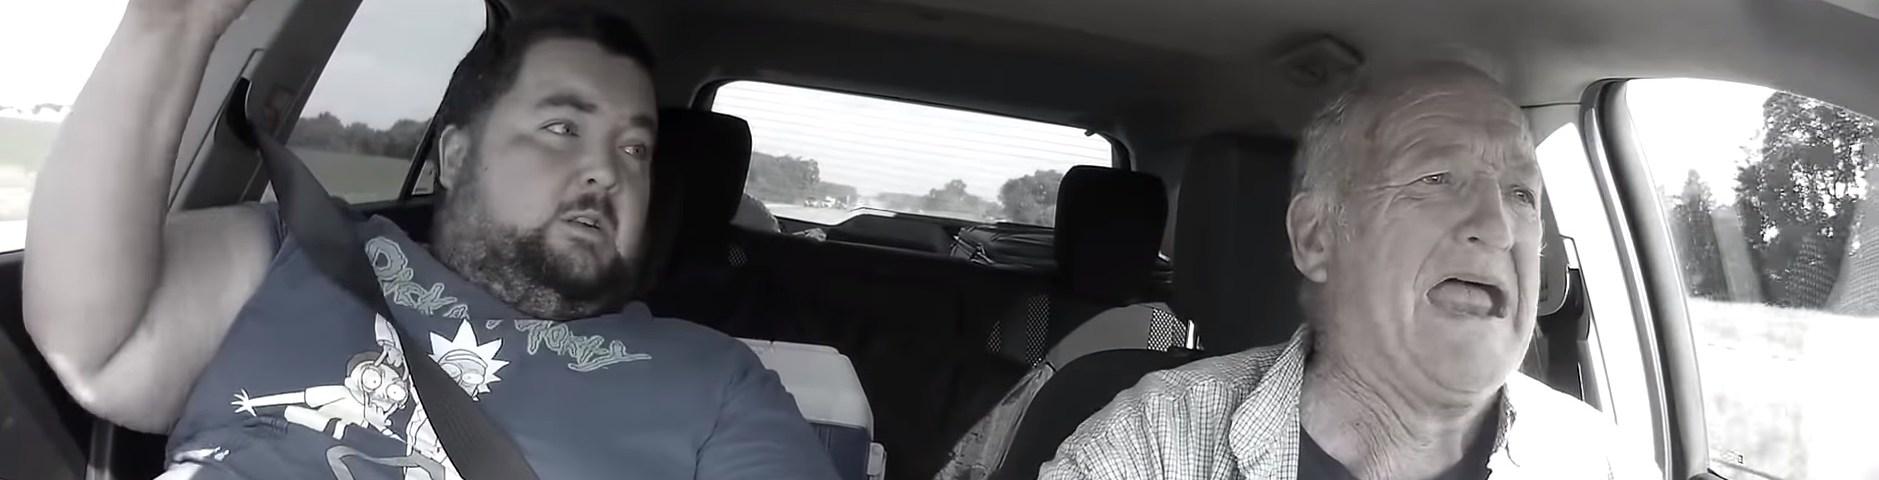 Condutor adormece ao volante